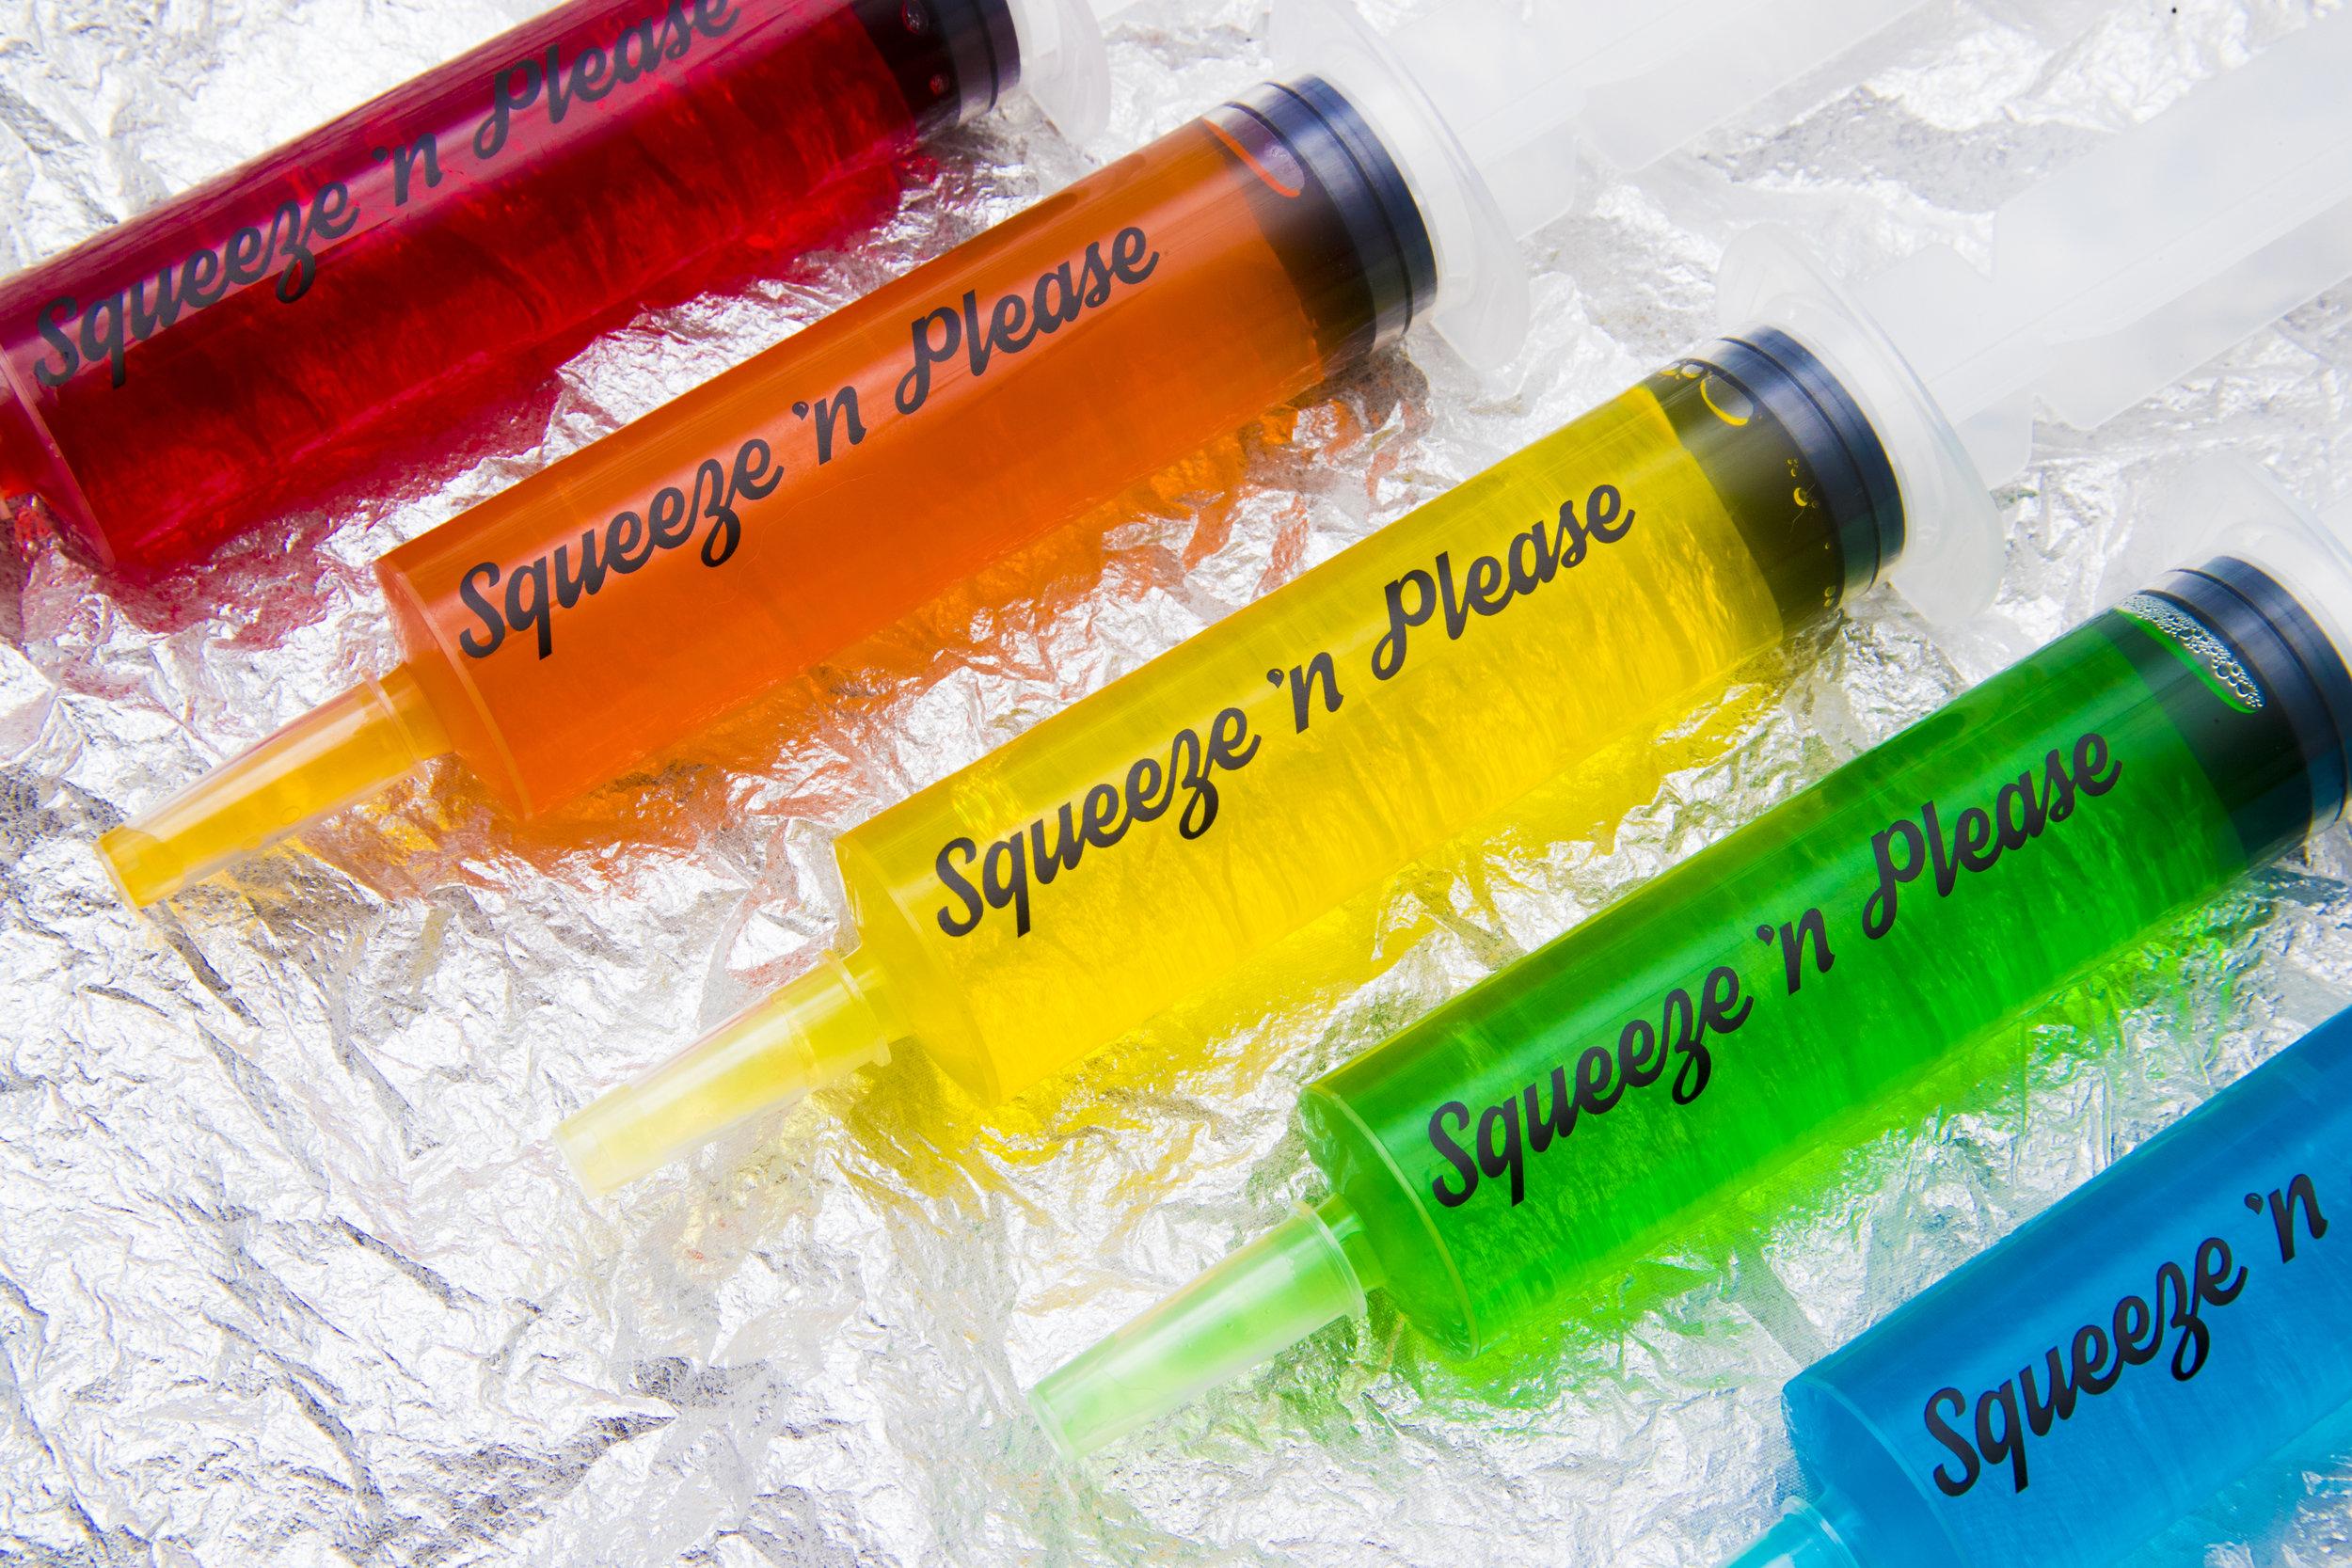 Squeeze 'n Please.Listing.03.jpg